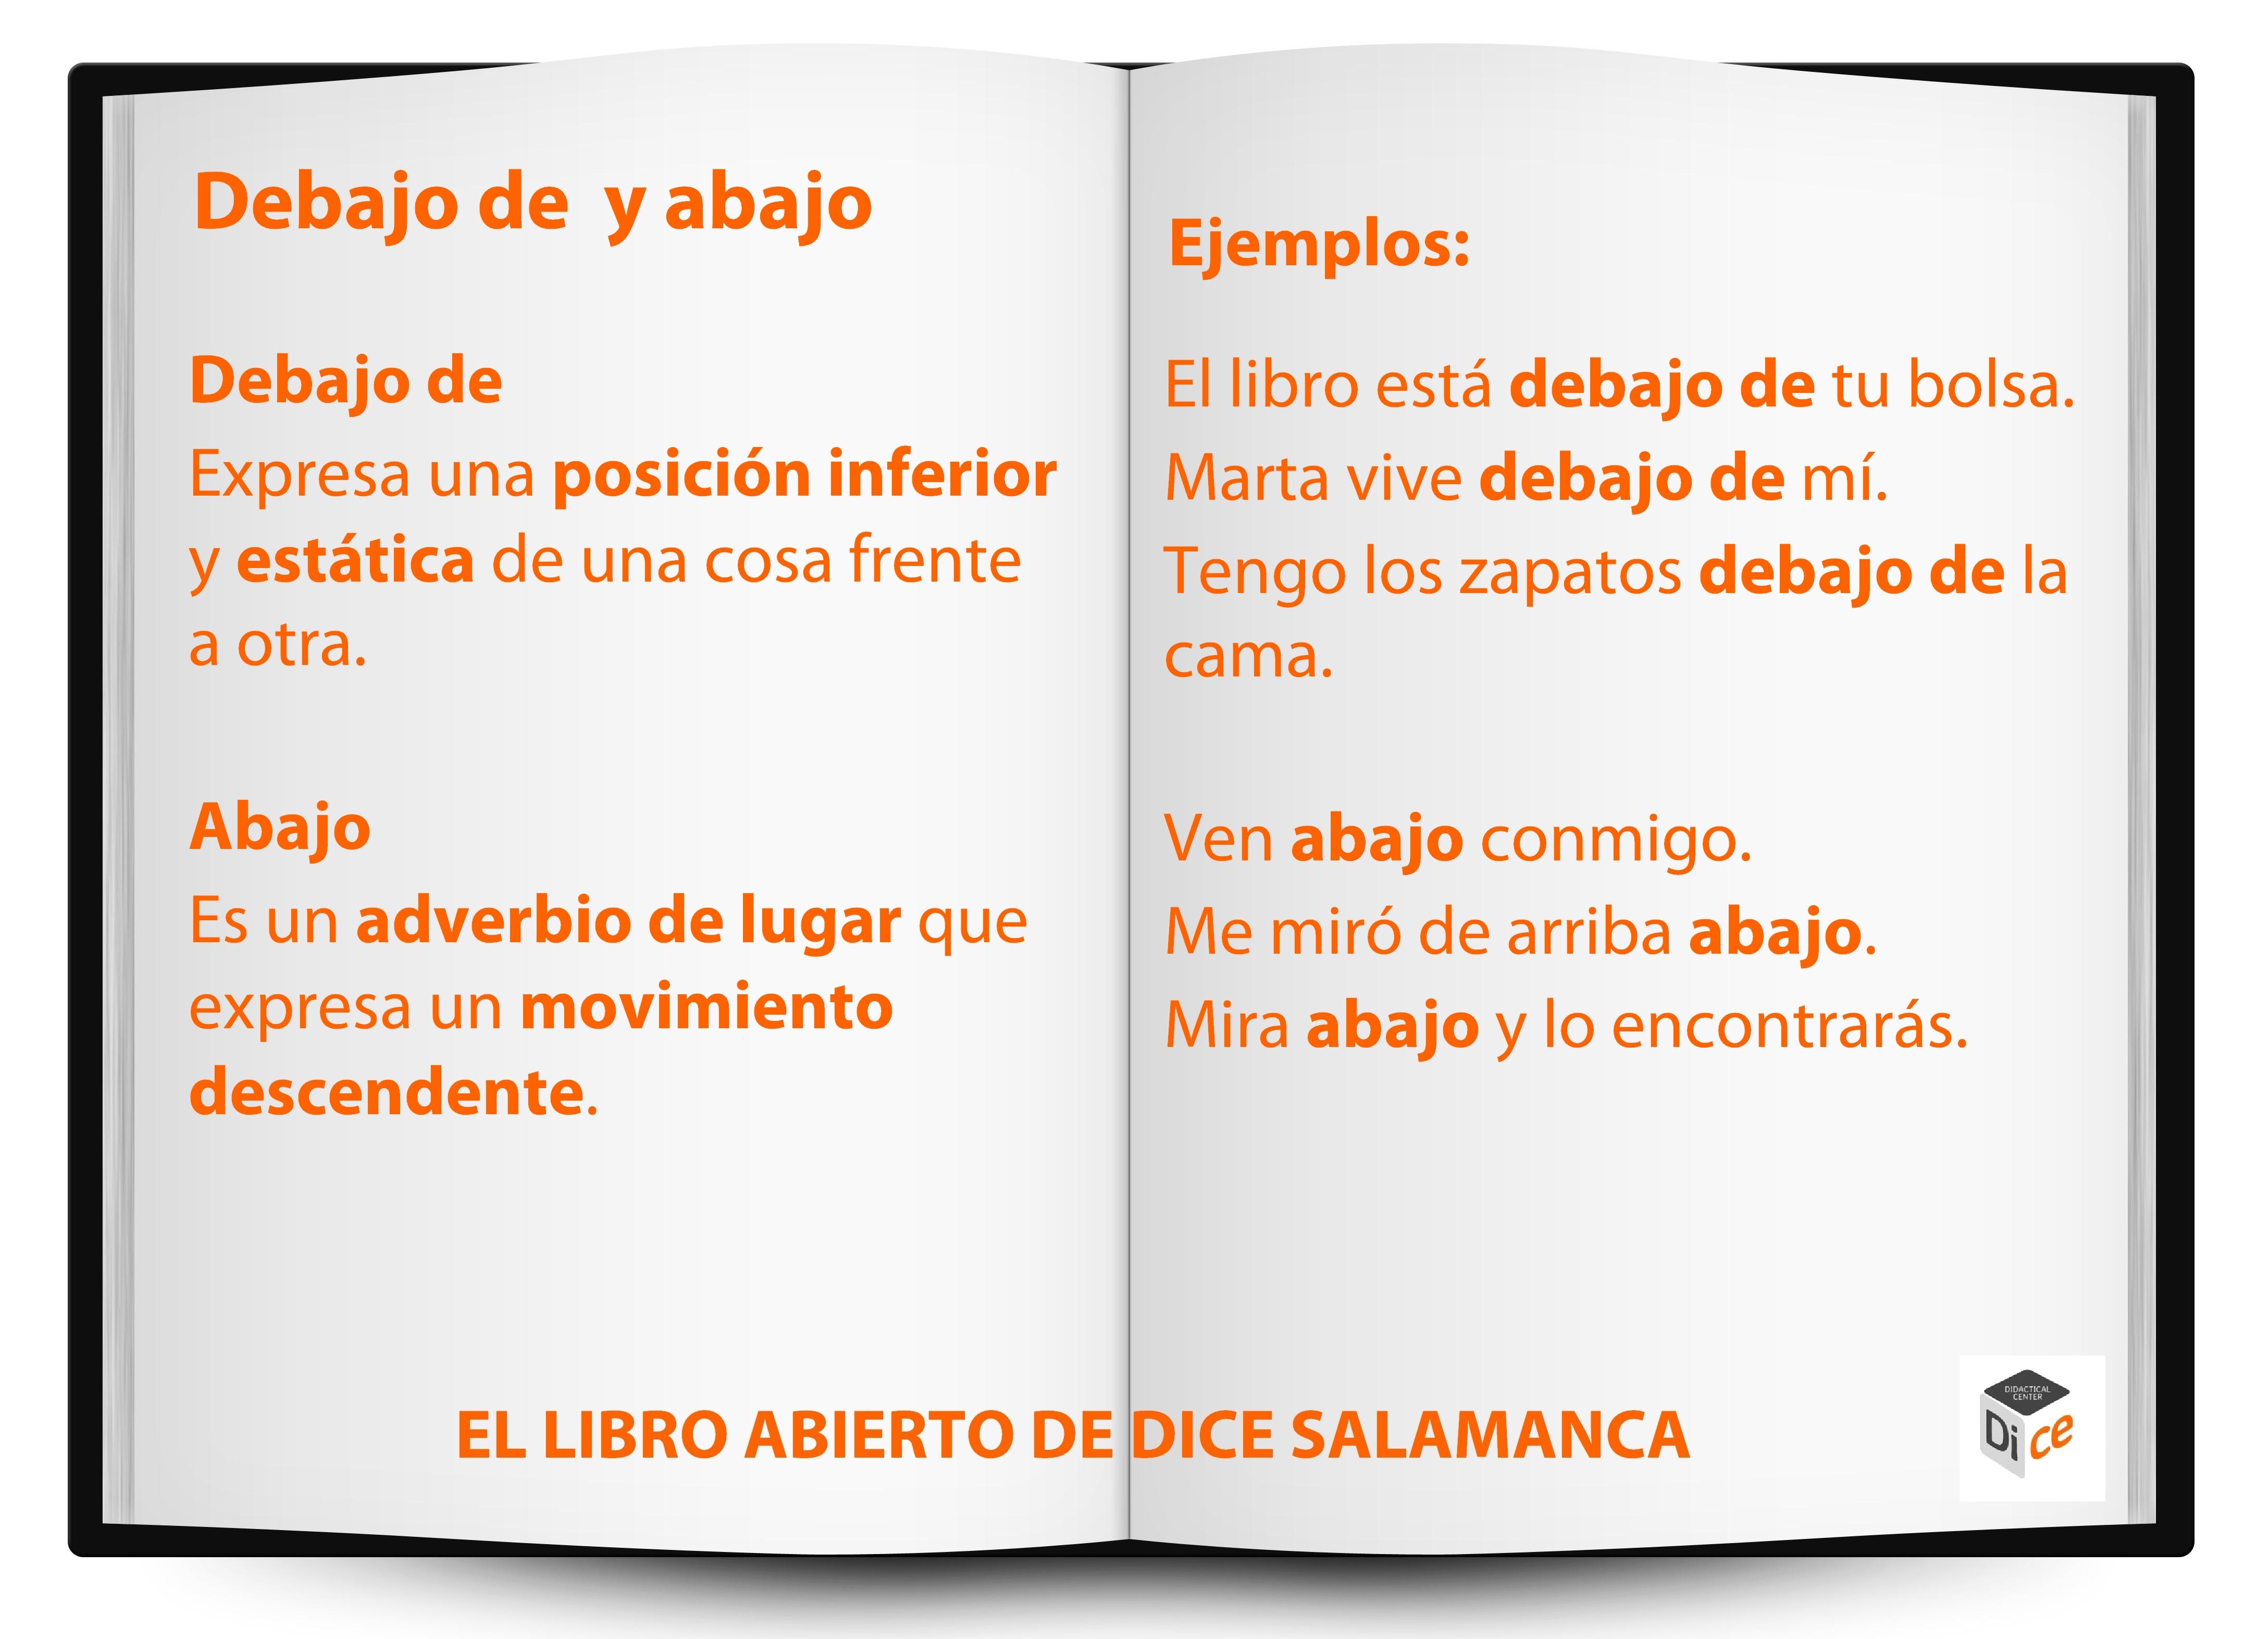 Libro abierto de dice 29 debajo de y abajo dice salamanca - En el piso de abajo libro ...